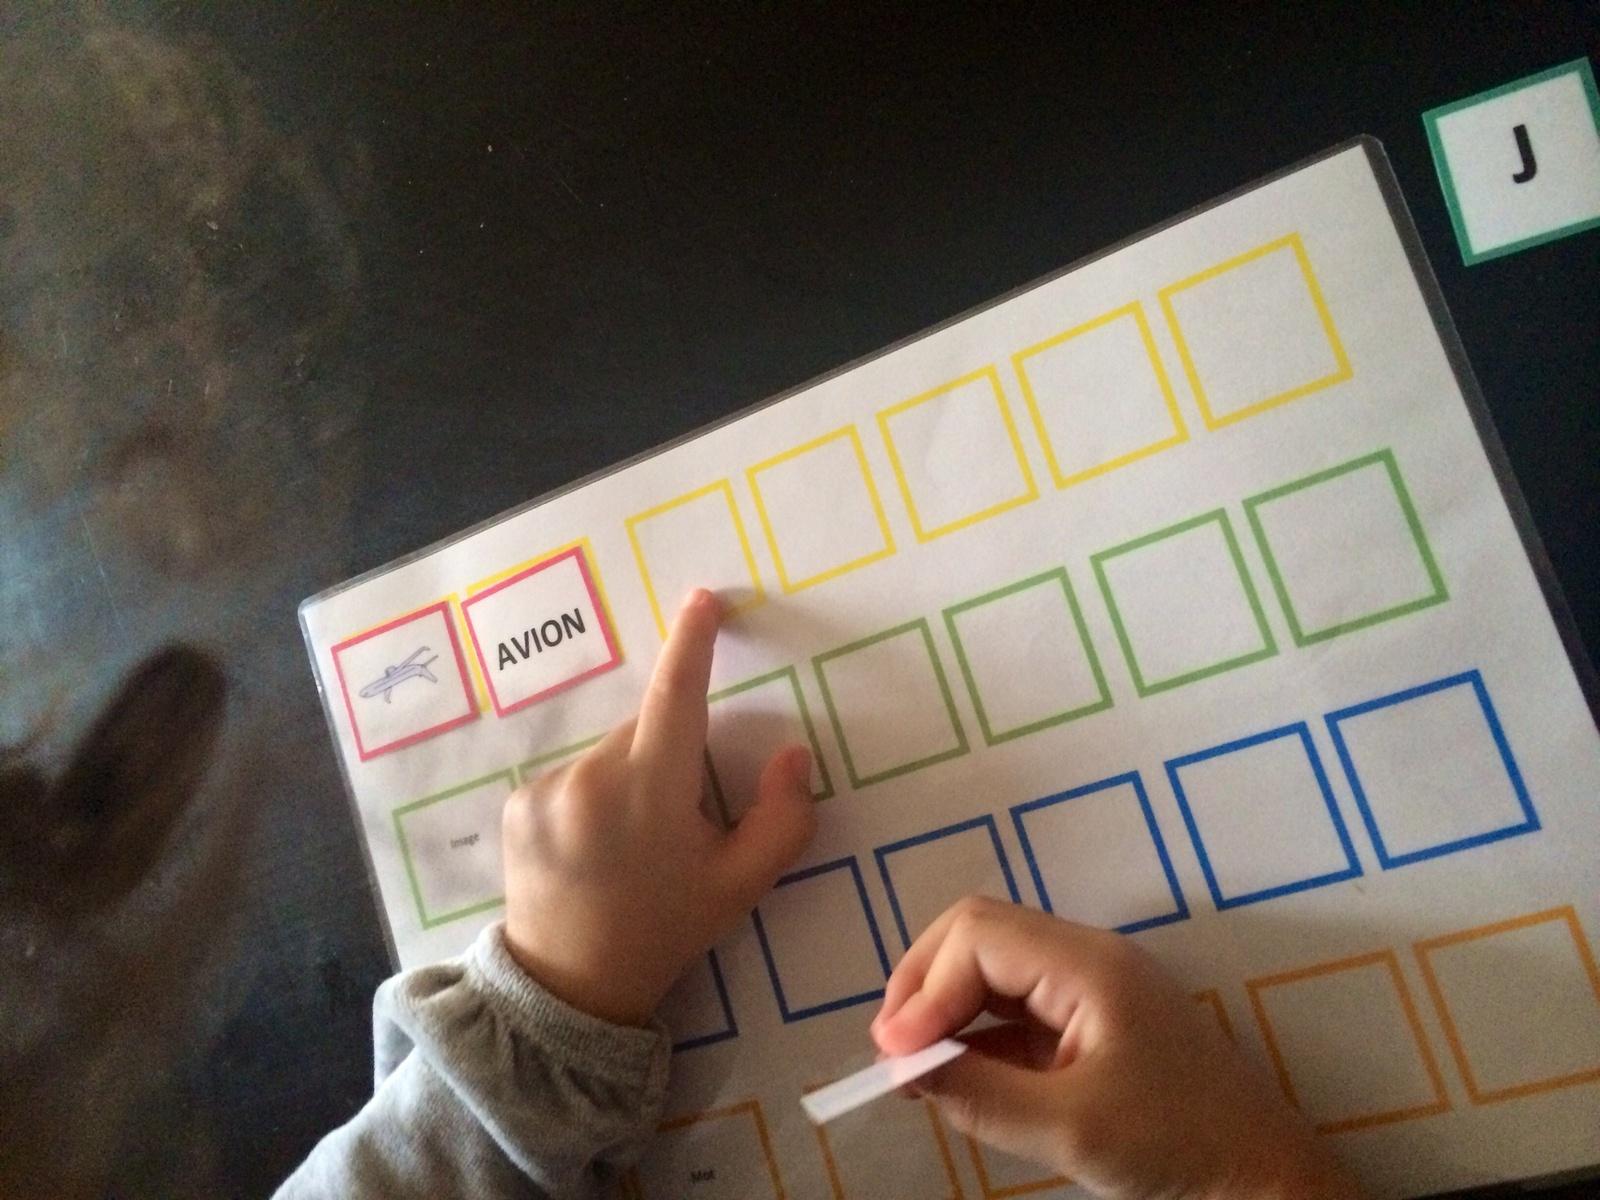 Apprendre L'alphabet, Lire Et Écrire - Apprends Moi Ummi à Apprendre À Écrire L Alphabet En Maternelle